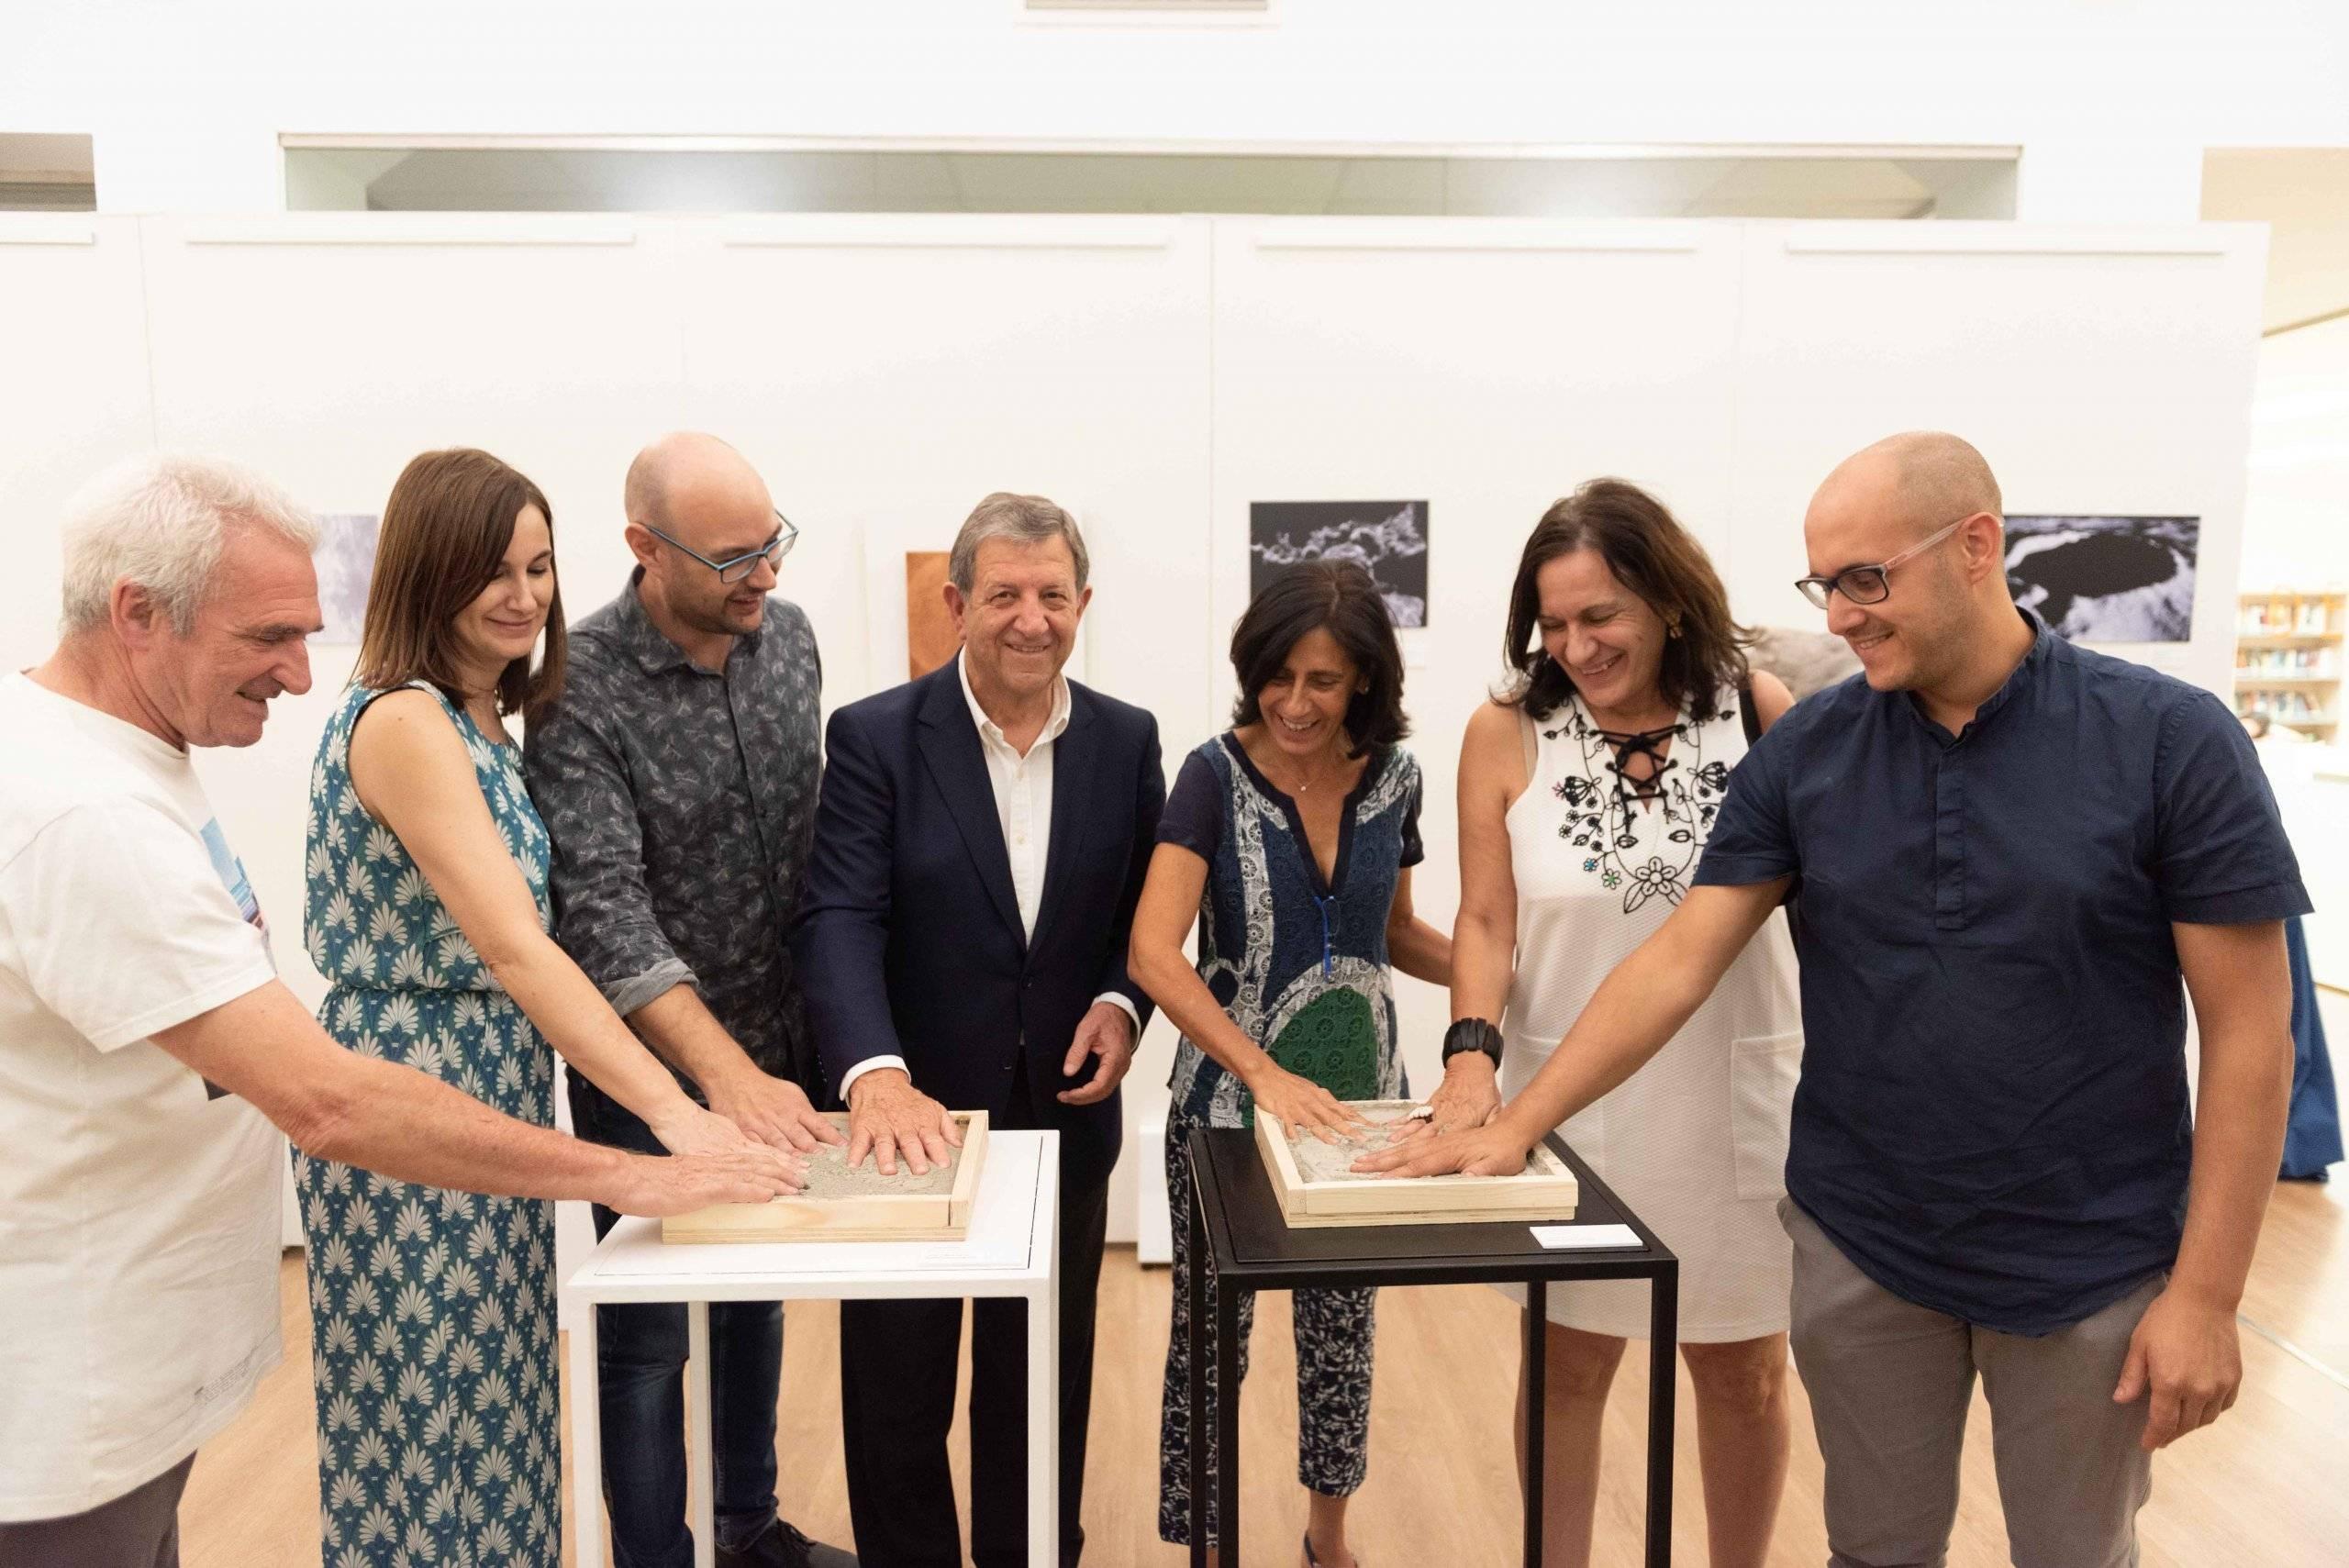 El alcalde y artistas plasmando la huella de su mano